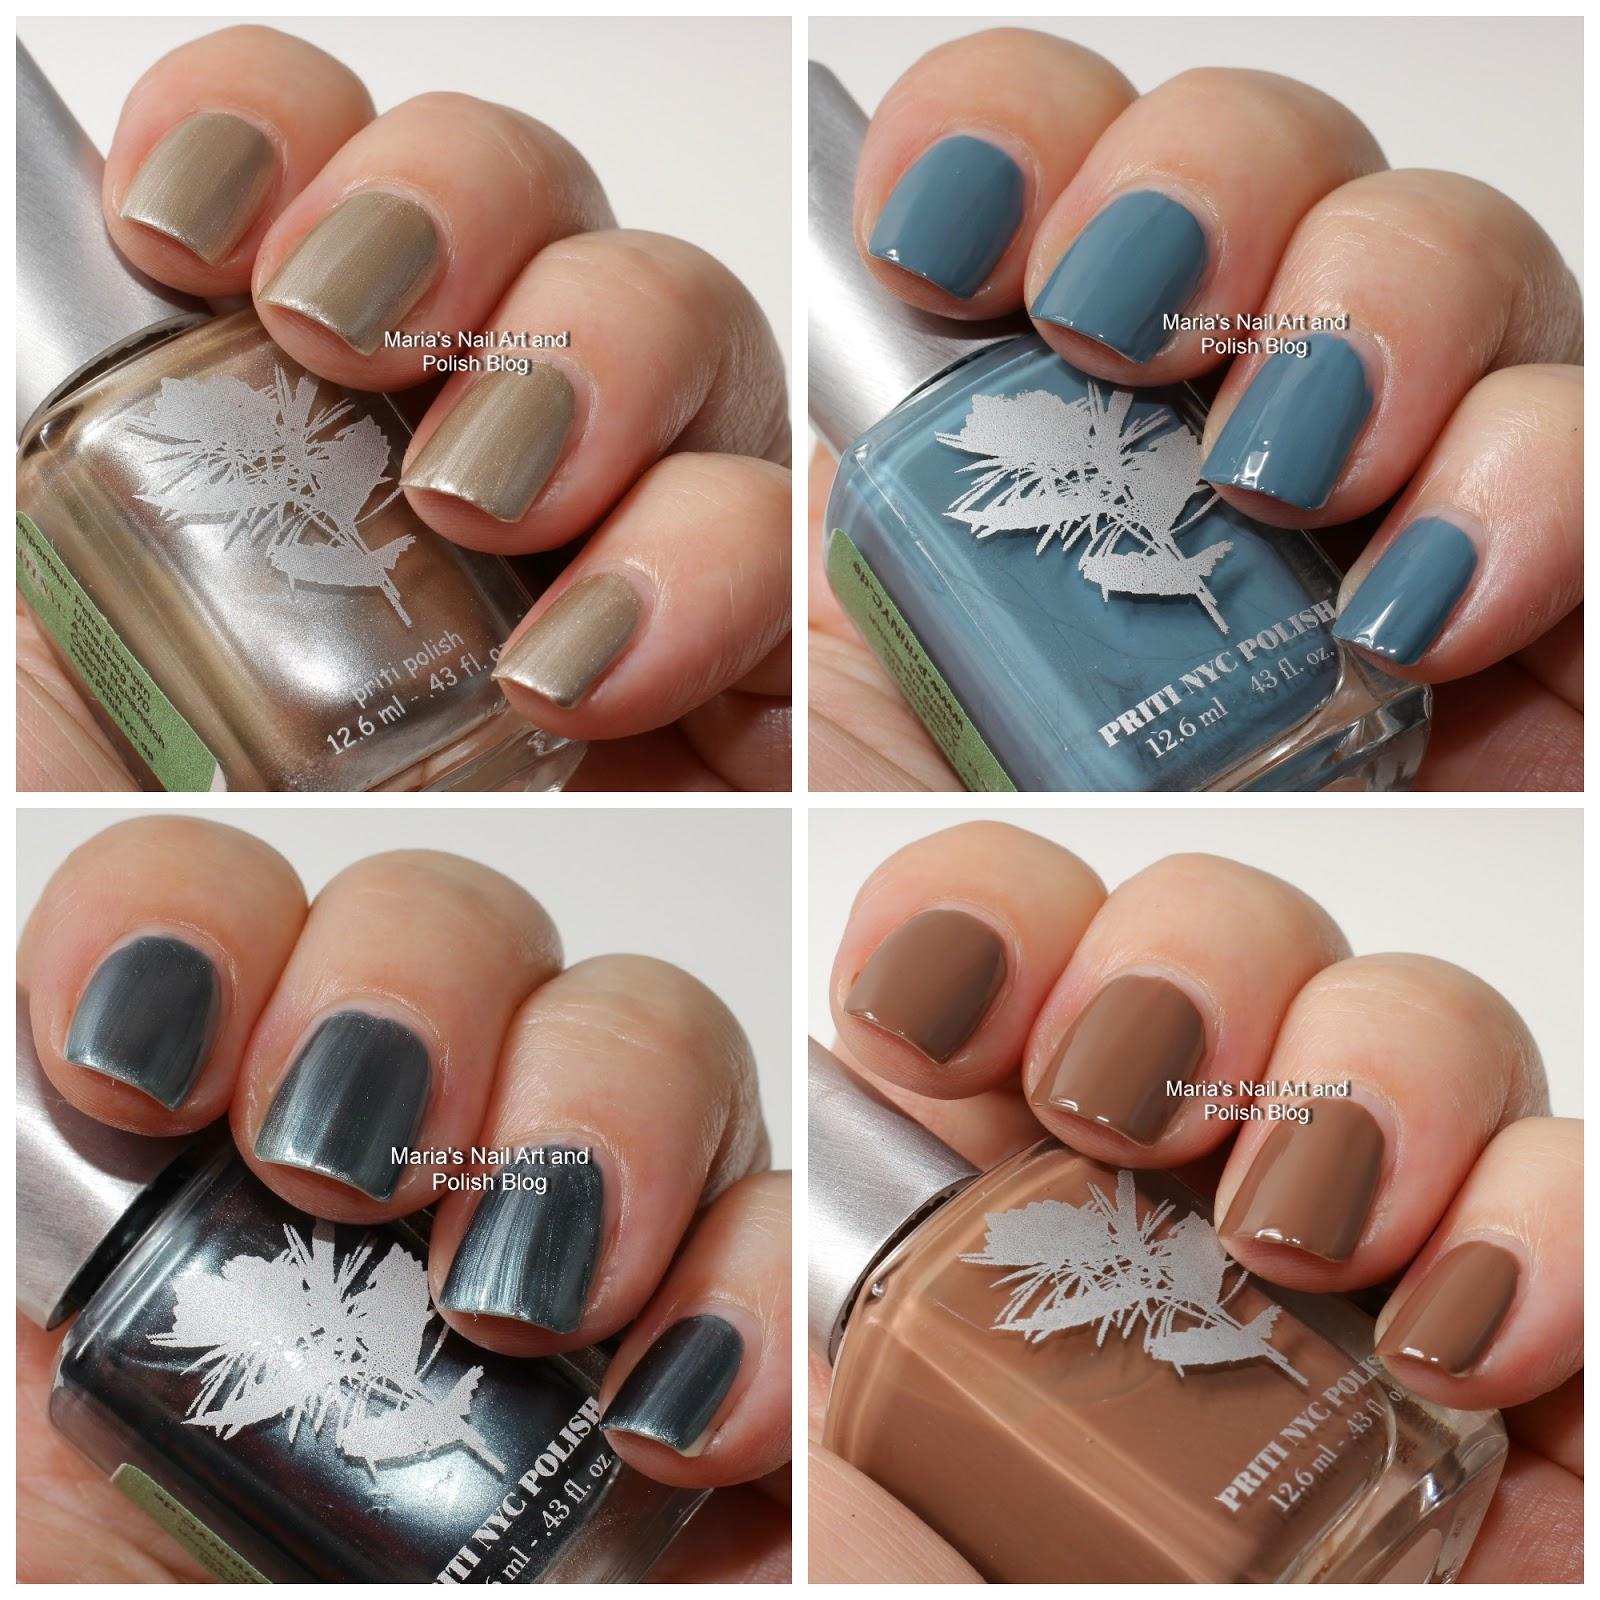 Nyc Metallic Nail Polish: Marias Nail Art And Polish Blog: Priti Nyc Swatches: St